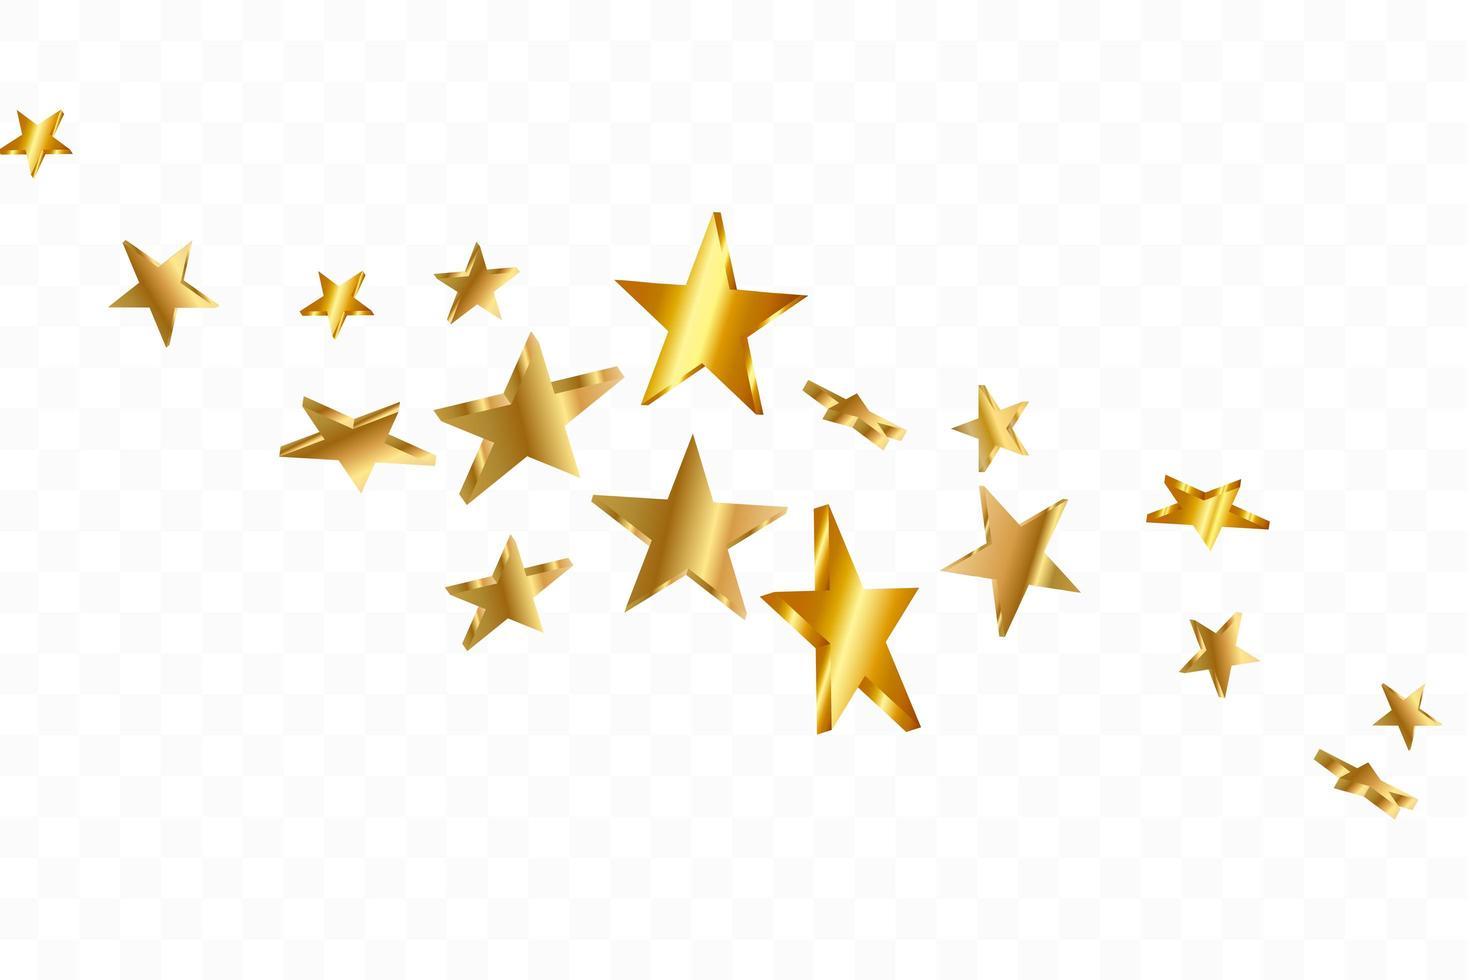 Estrellas 3D cayendo. fondo estrellado amarillo dorado. vector de fondo estrella de confeti.